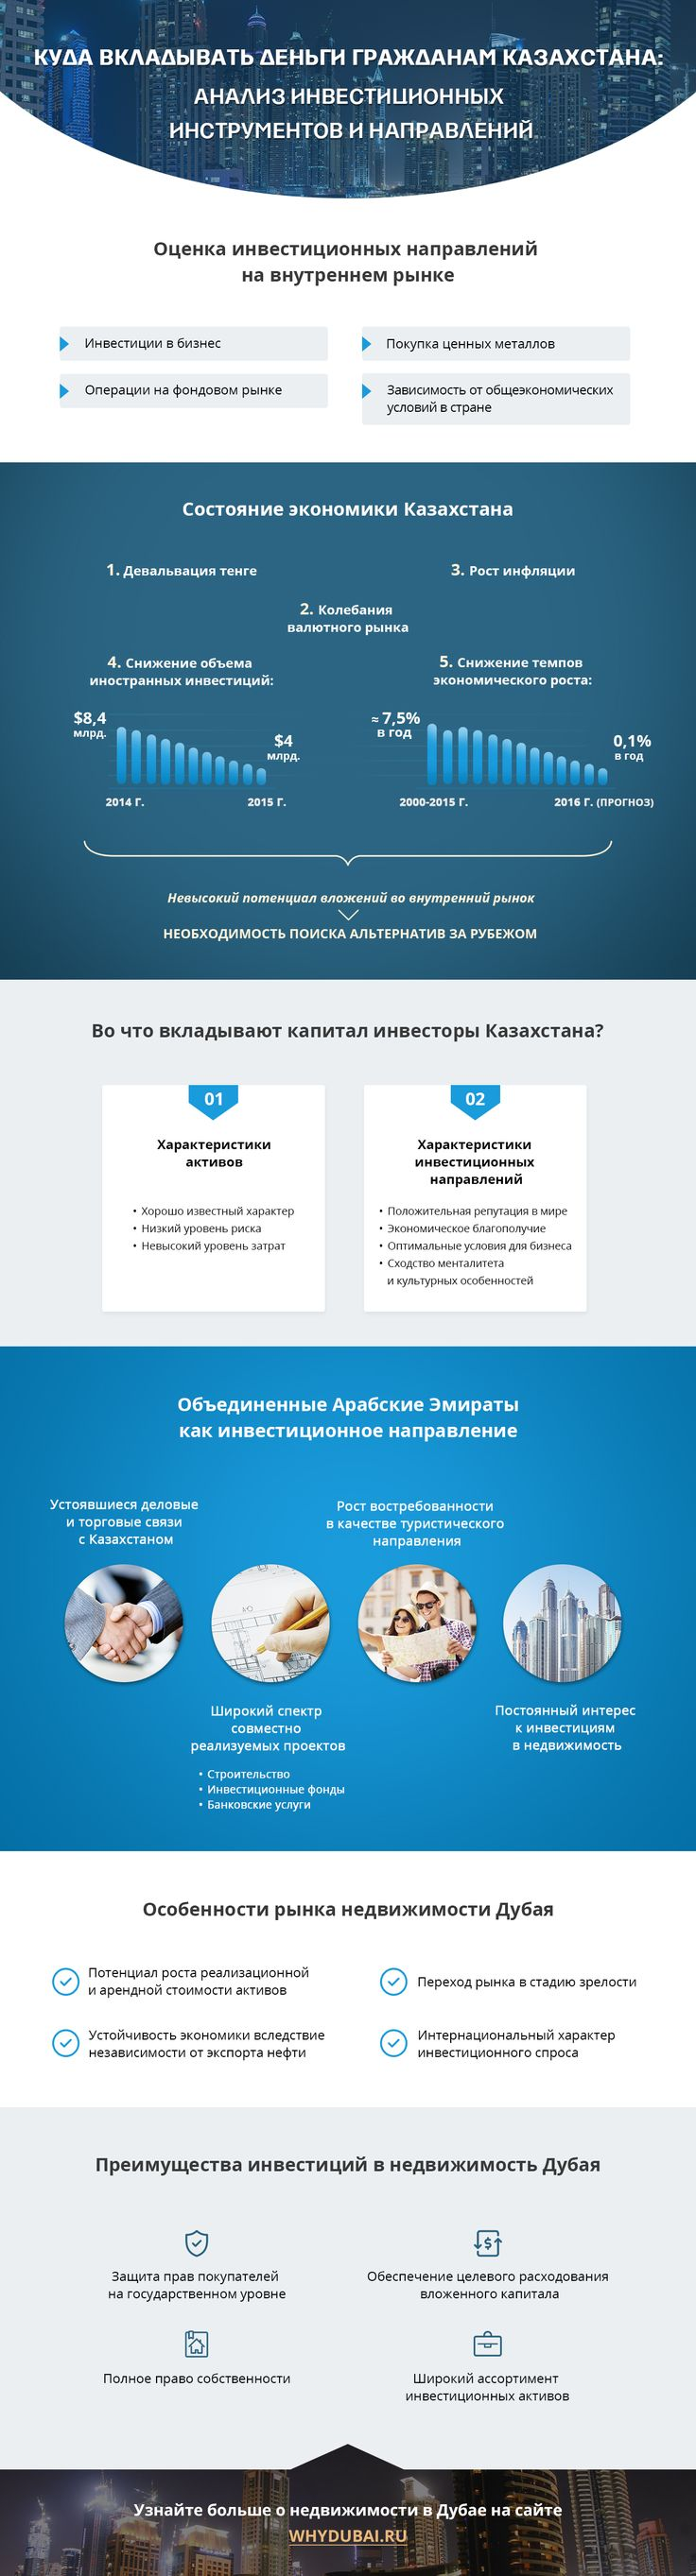 Куда вкладывать деньги гражданам Казахстана: анализ инвестиционных инструментов и направлений